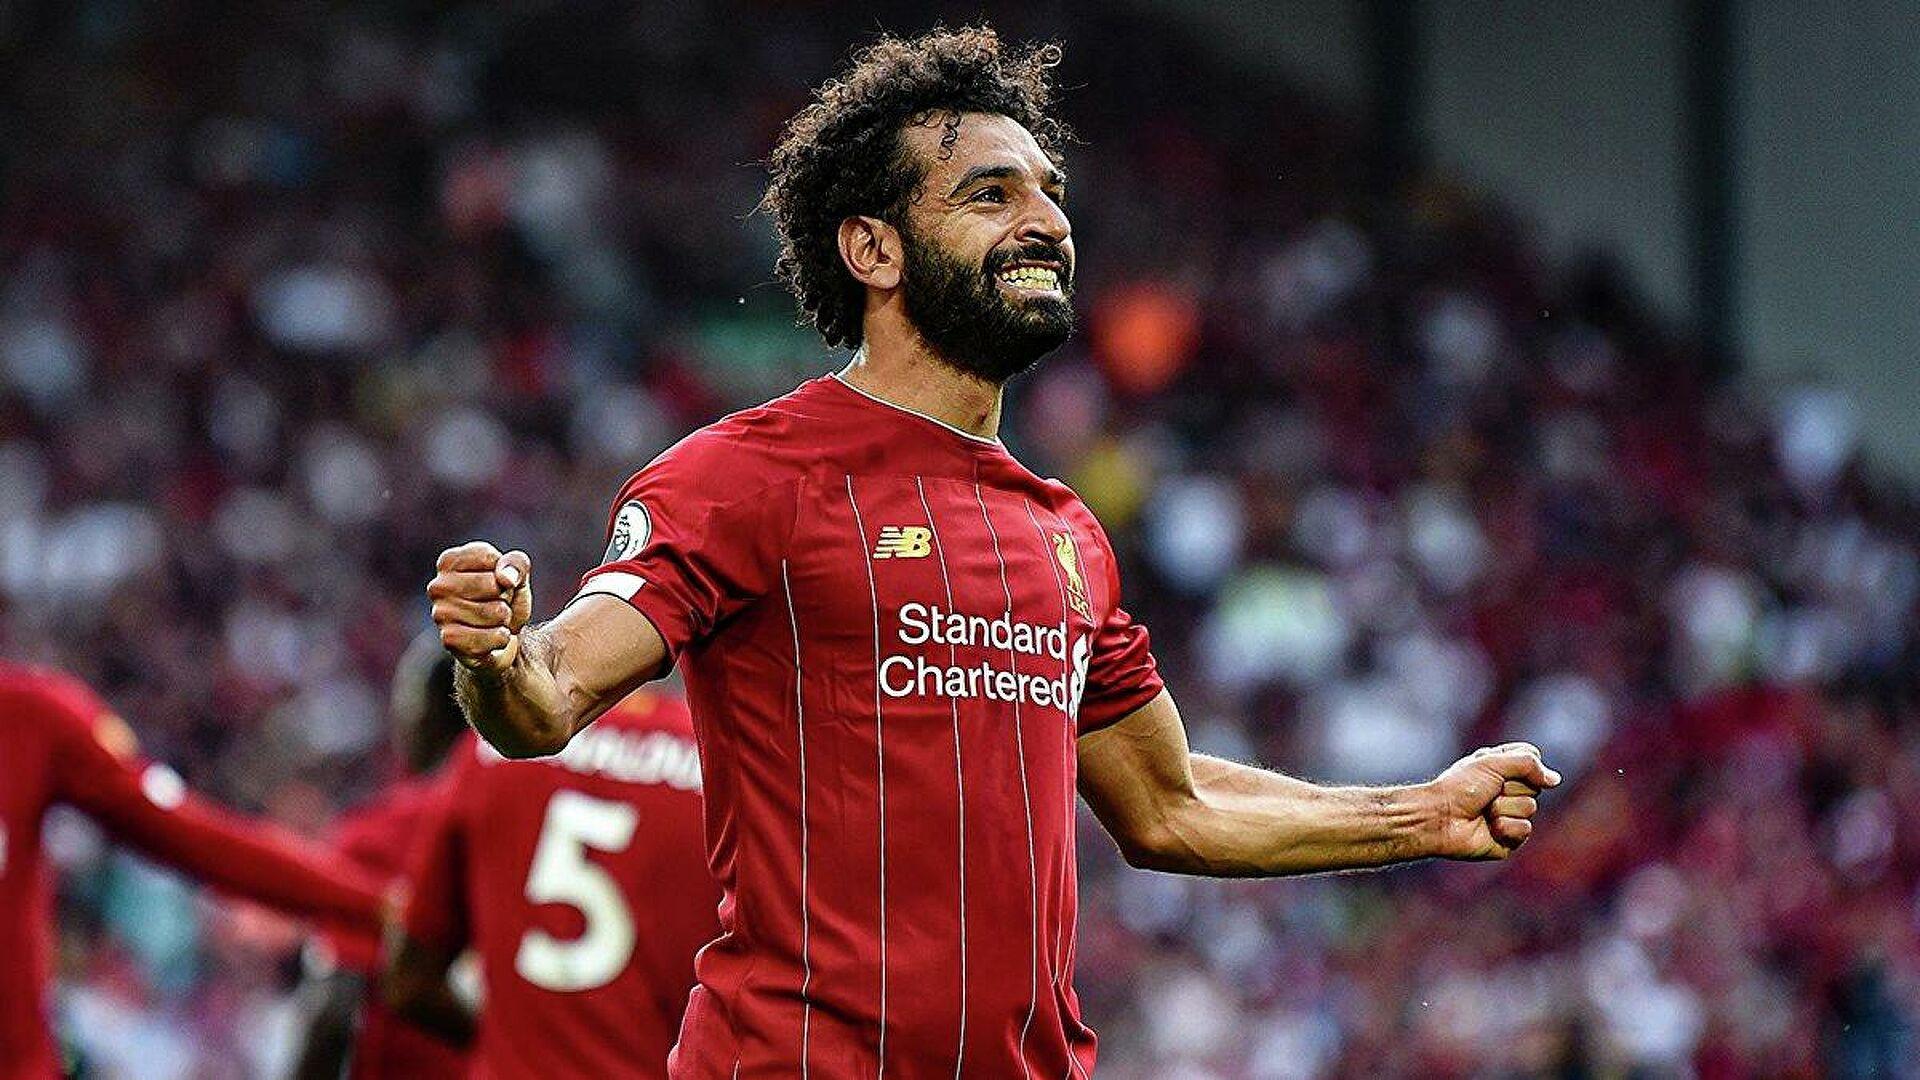 Мохамед Салах: Быстрее всех забить 100 мячей за «Ливерпуль» в АПЛ – это нечто особенное